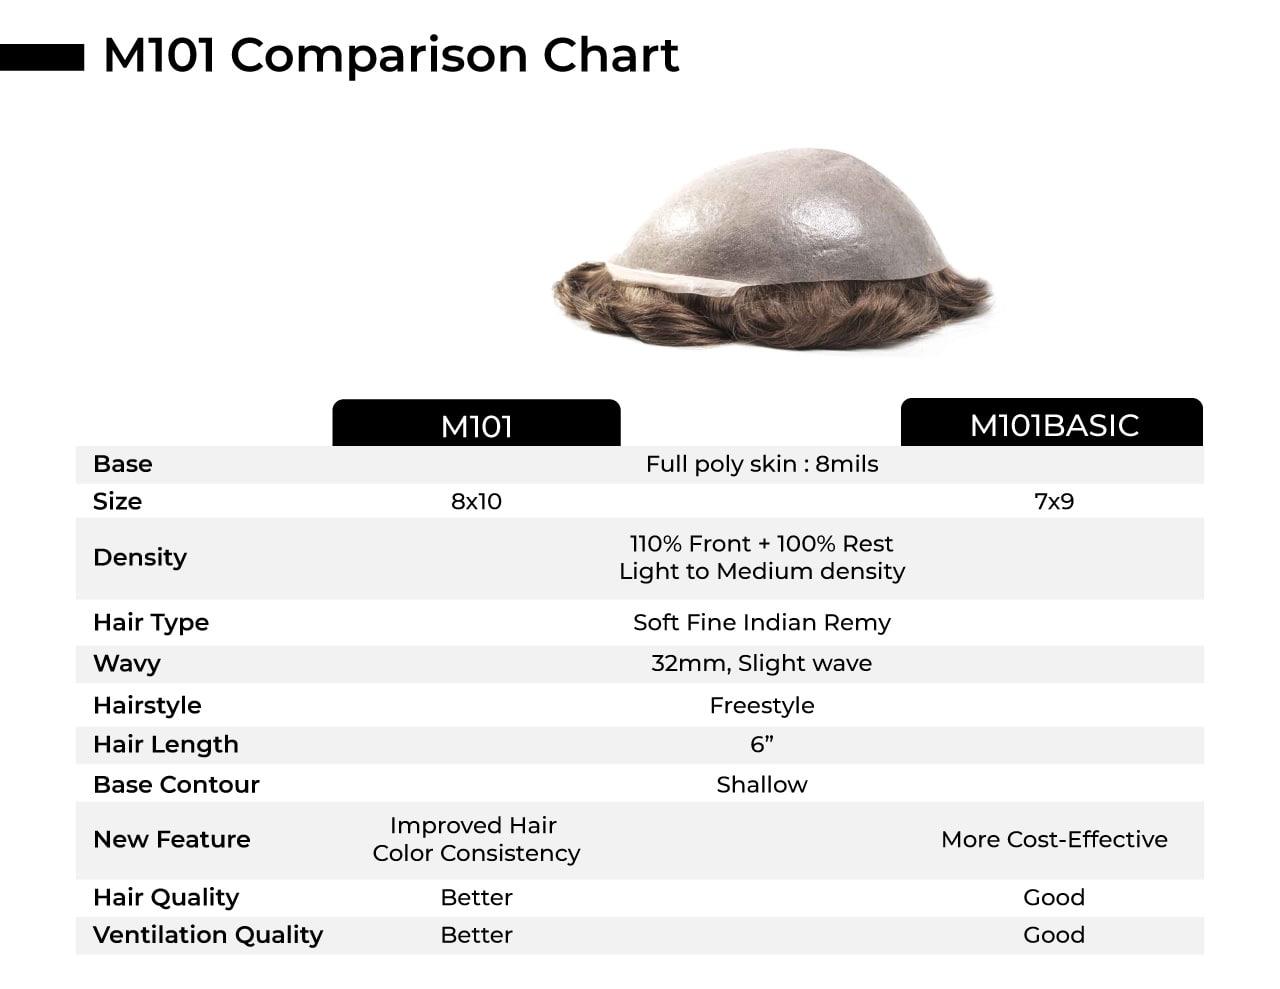 M101 Comparison Chart